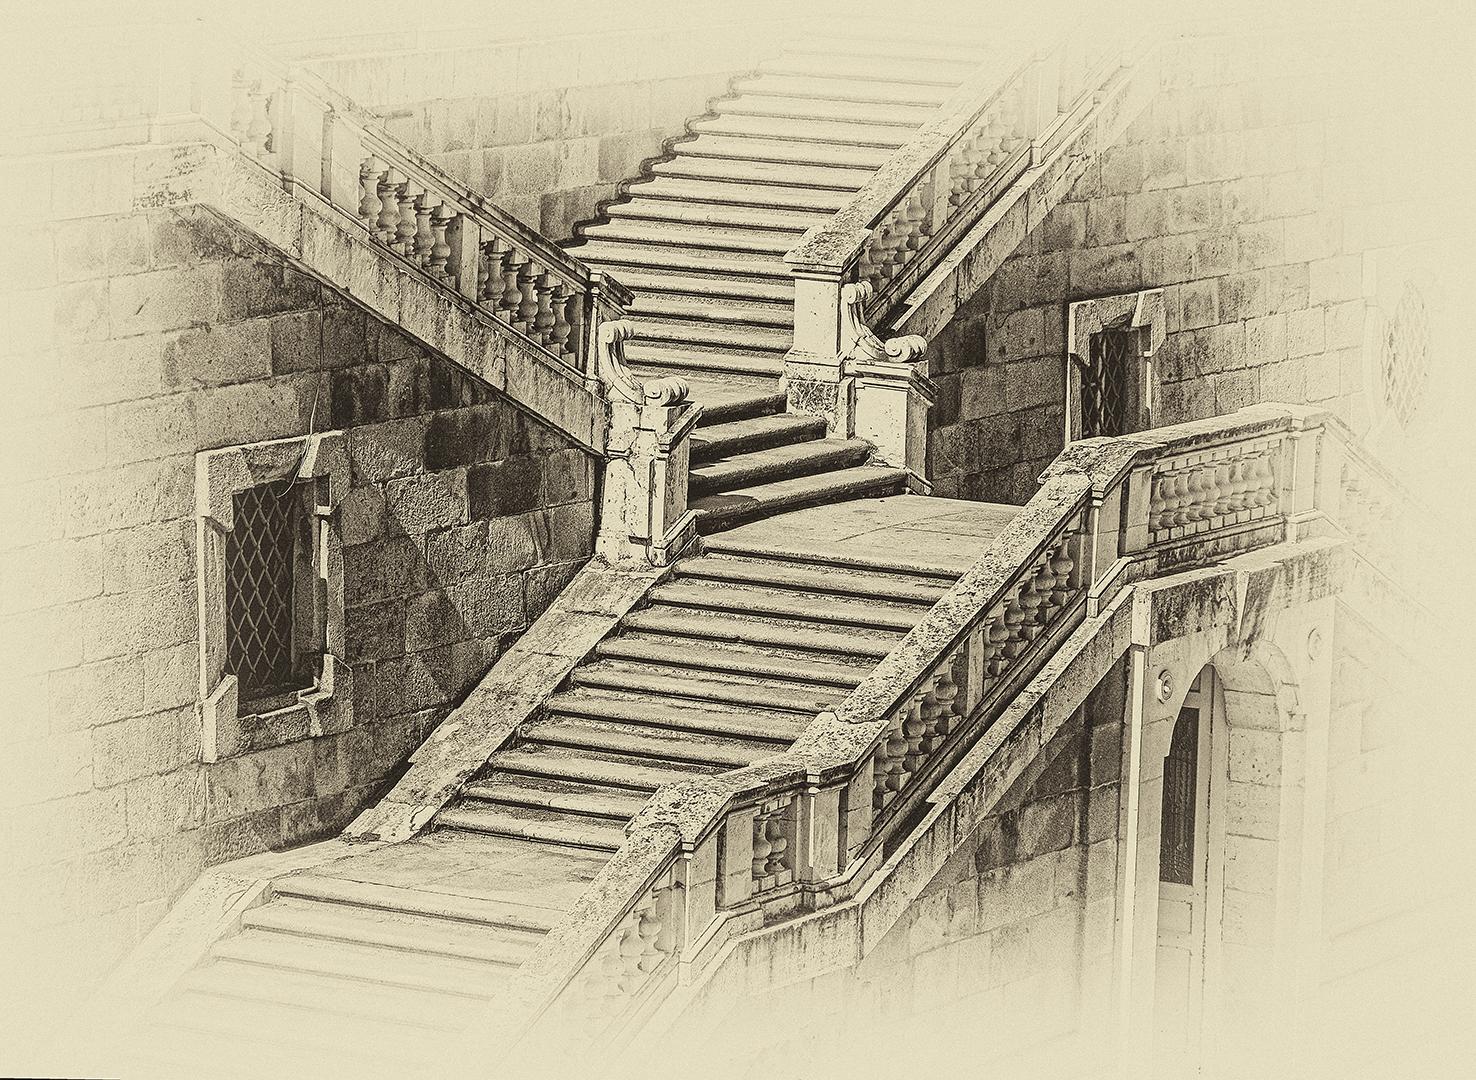 Madrid Church Staircase